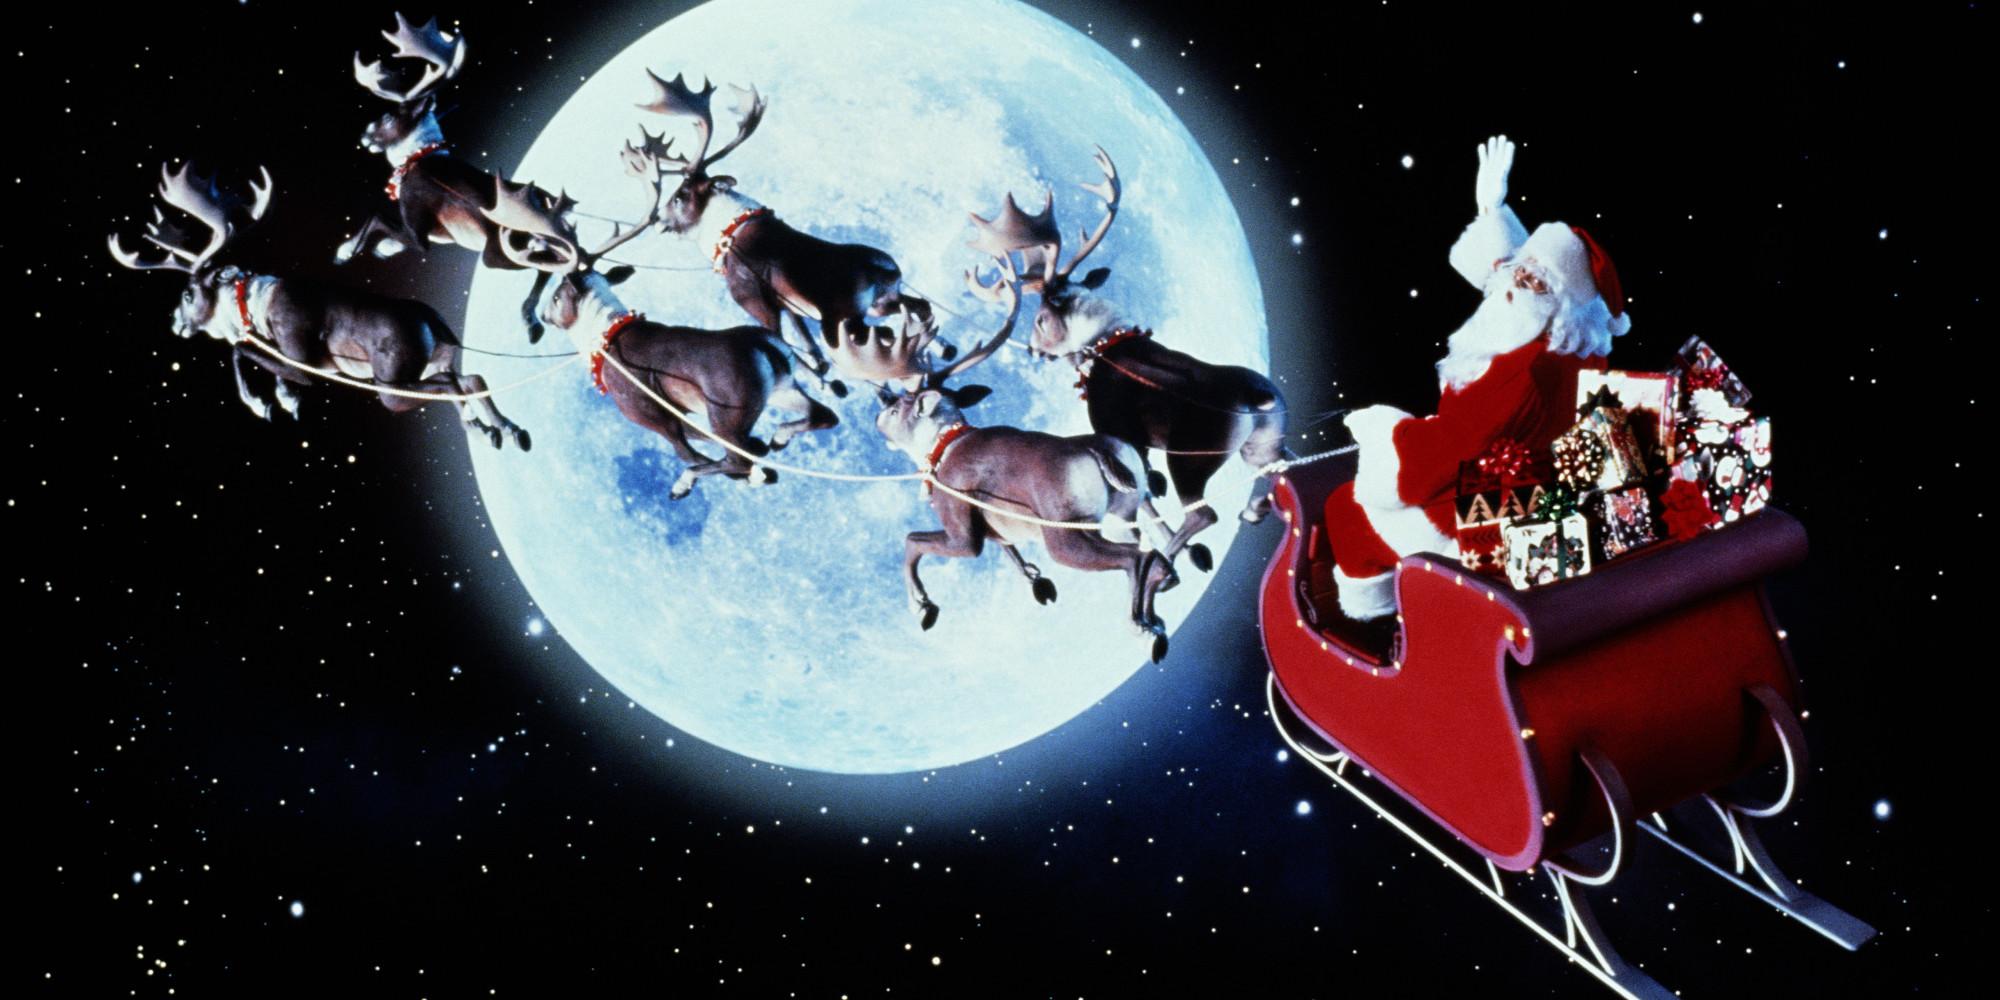 norad santa tracker 2013 here es santa claus huffpost